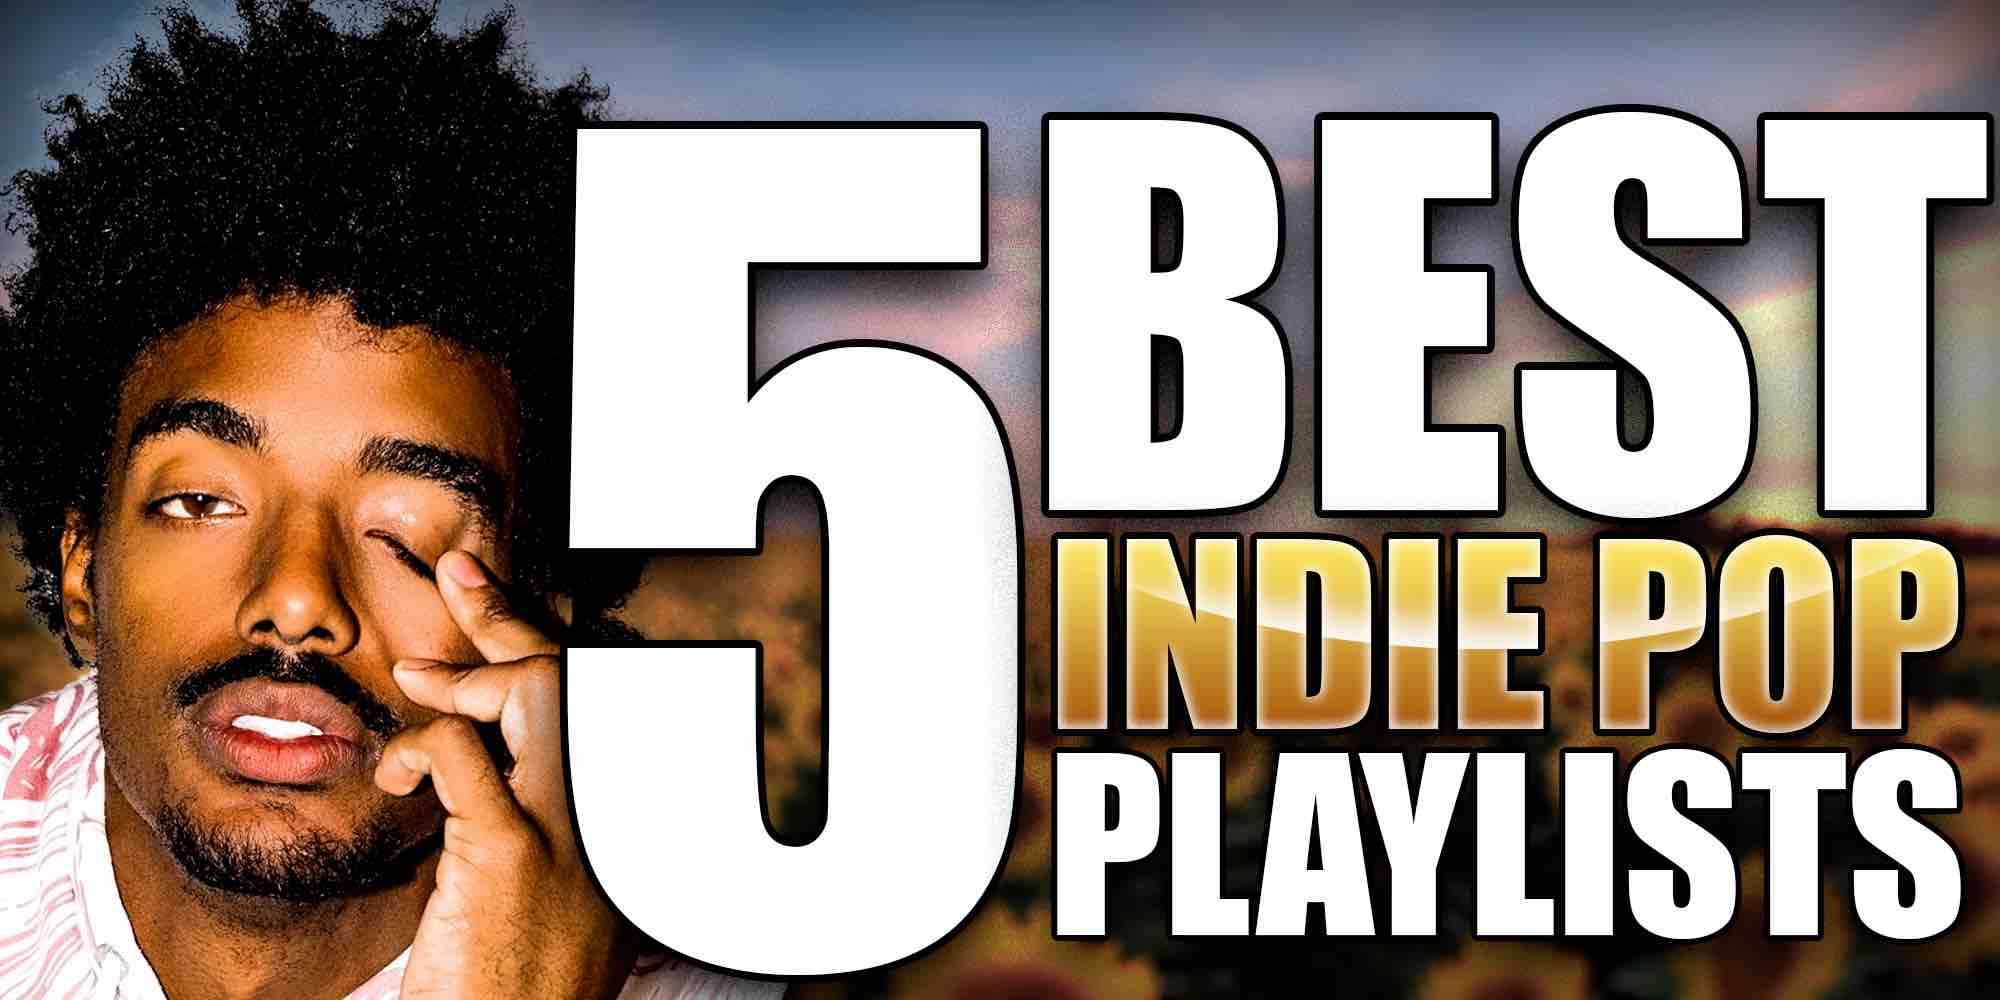 5 best indie pop playlists